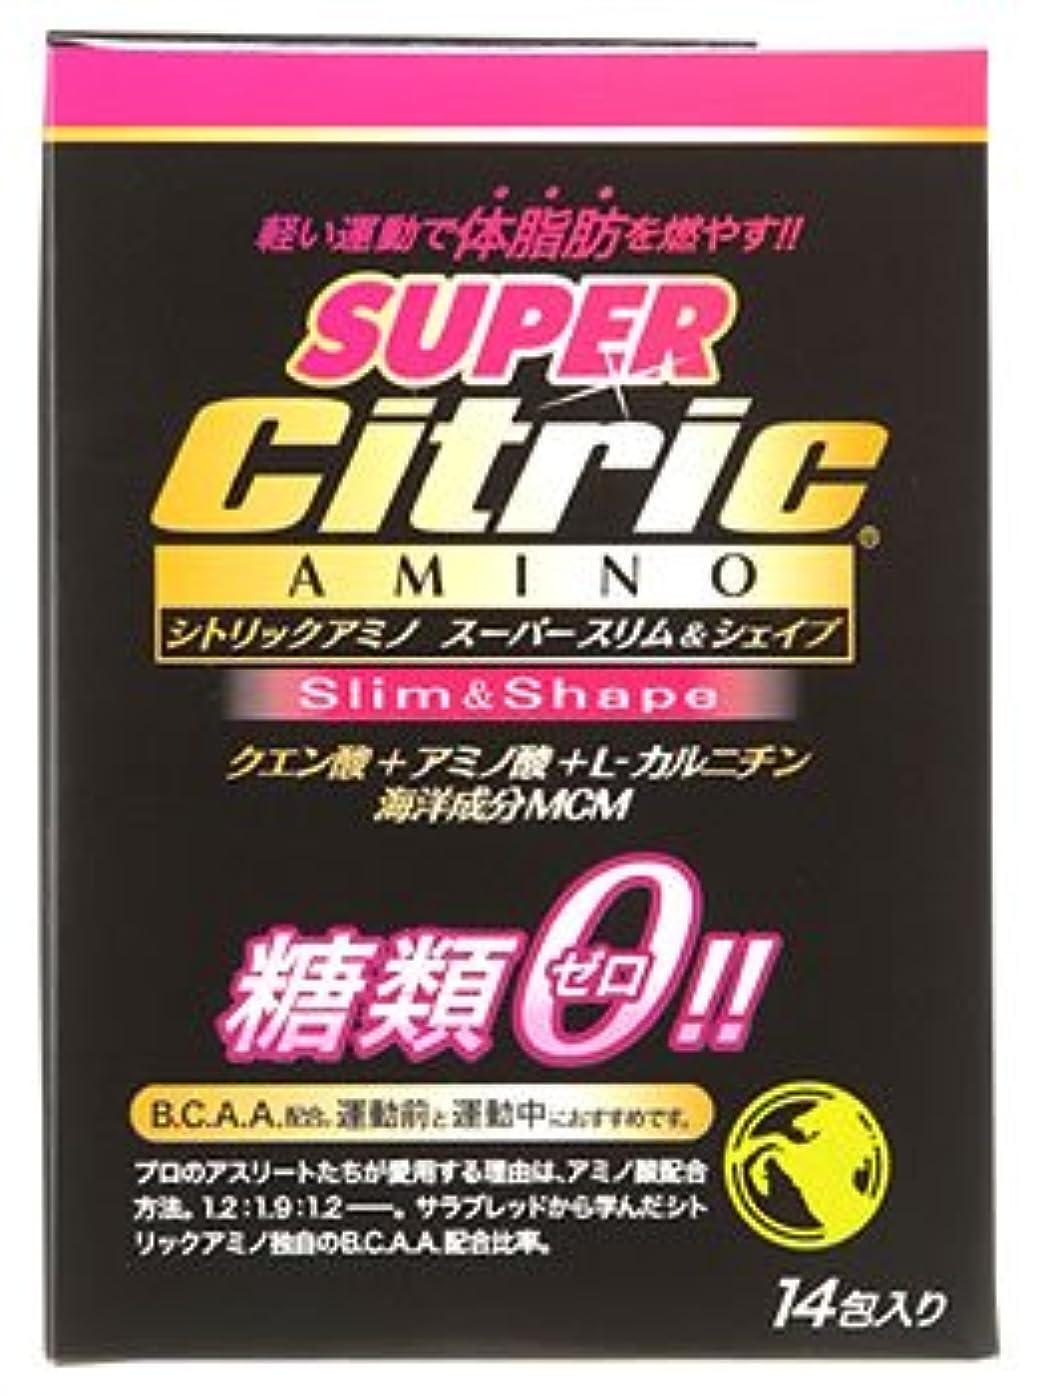 脳ミネラル吸収剤メダリスト?ジャパン シトリックアミノ スーパースリム&シェイプ JP (6g×14包入) クエン酸 アミノ酸 糖類ゼロ